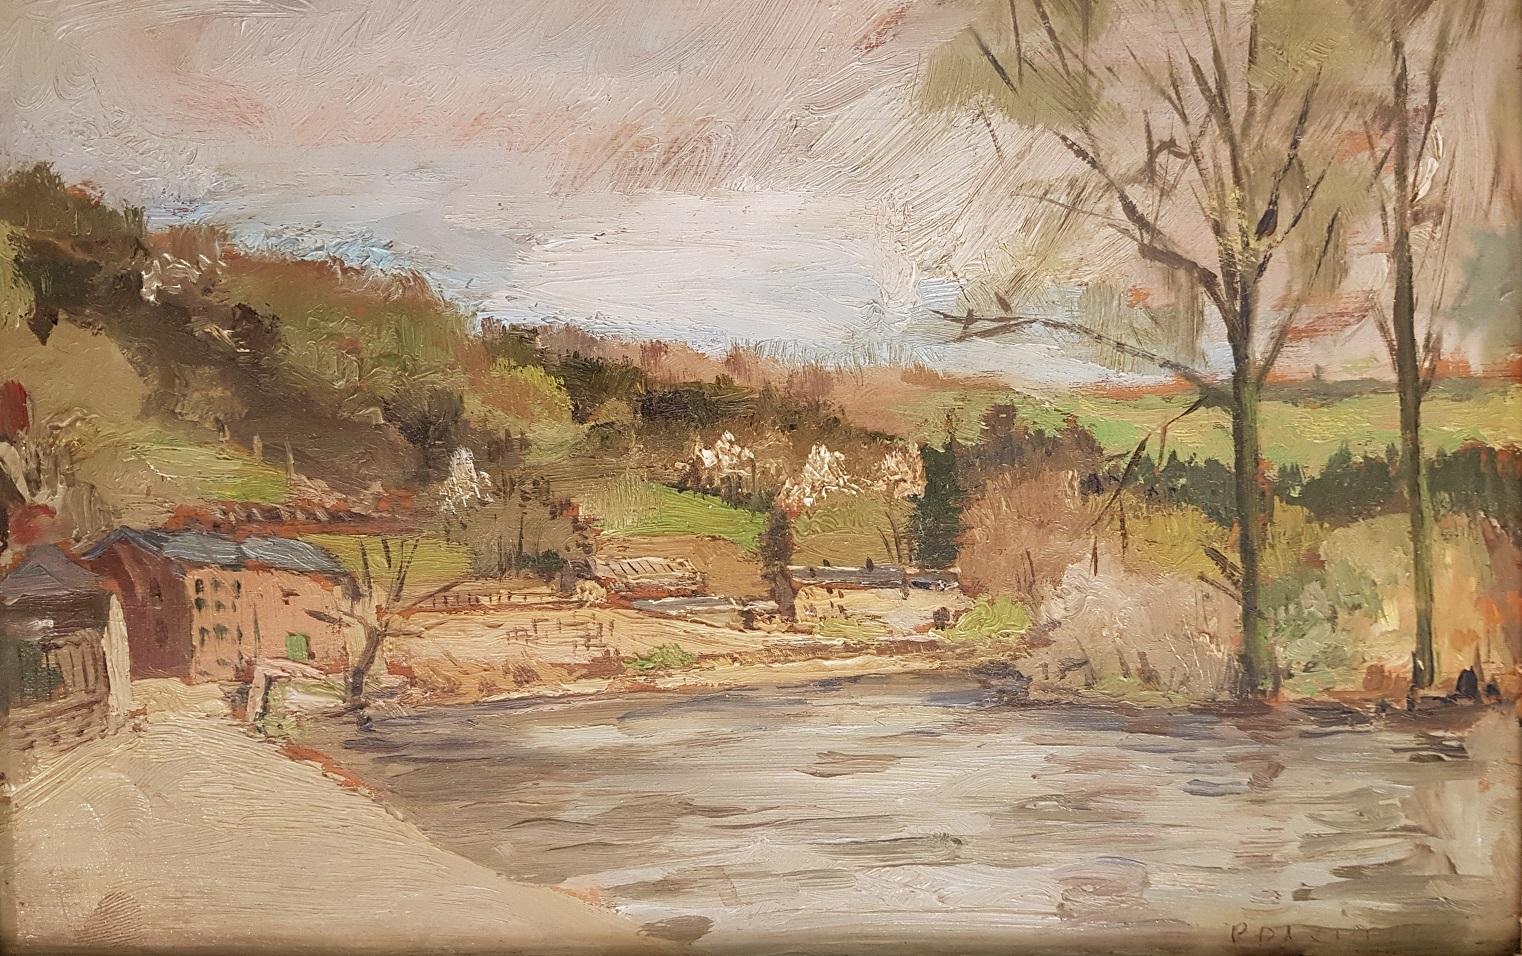 Dorp aan rivier